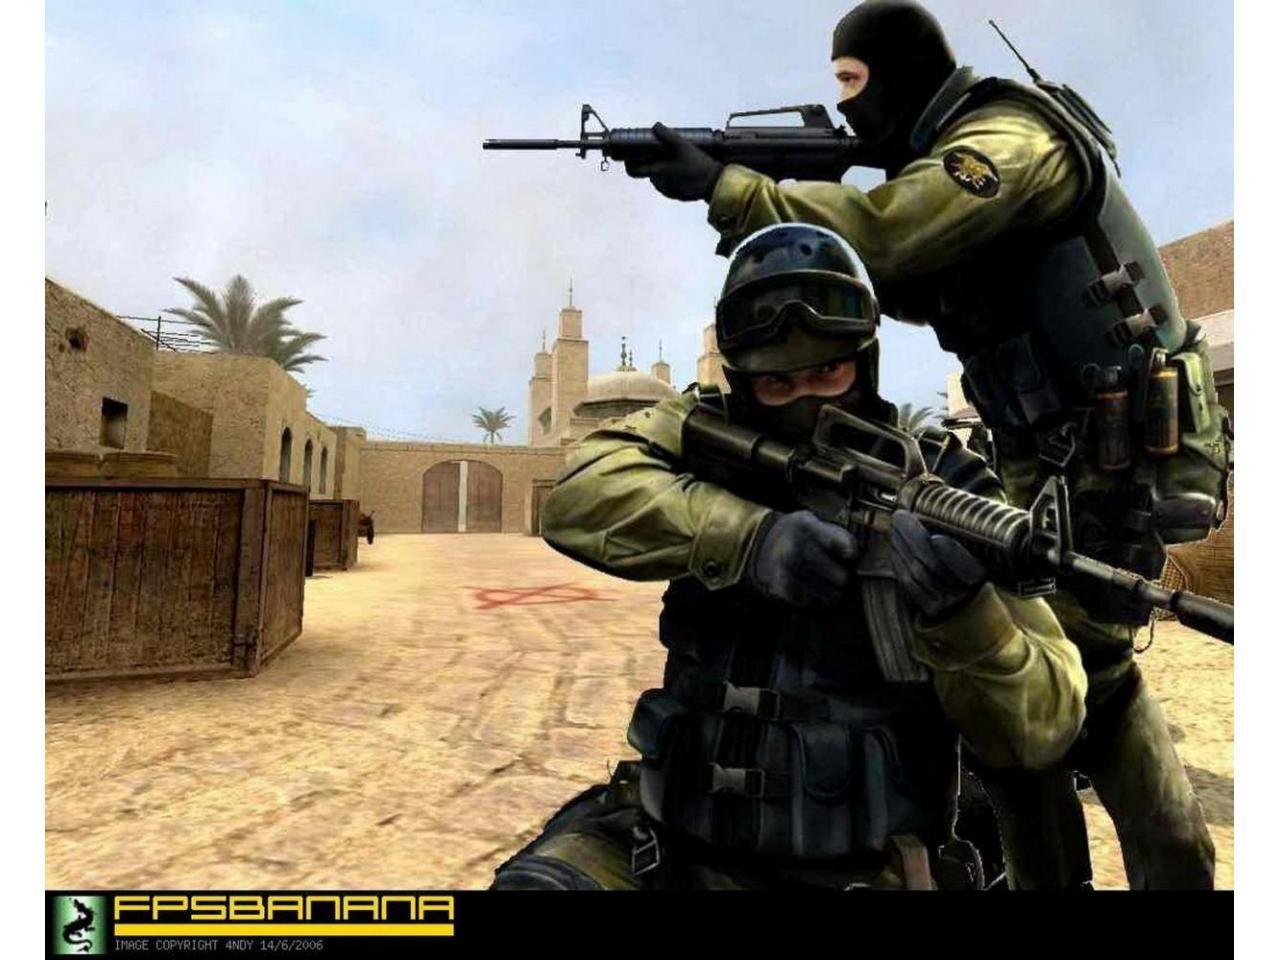 Детективные и охранные услуги по всему миру - 1